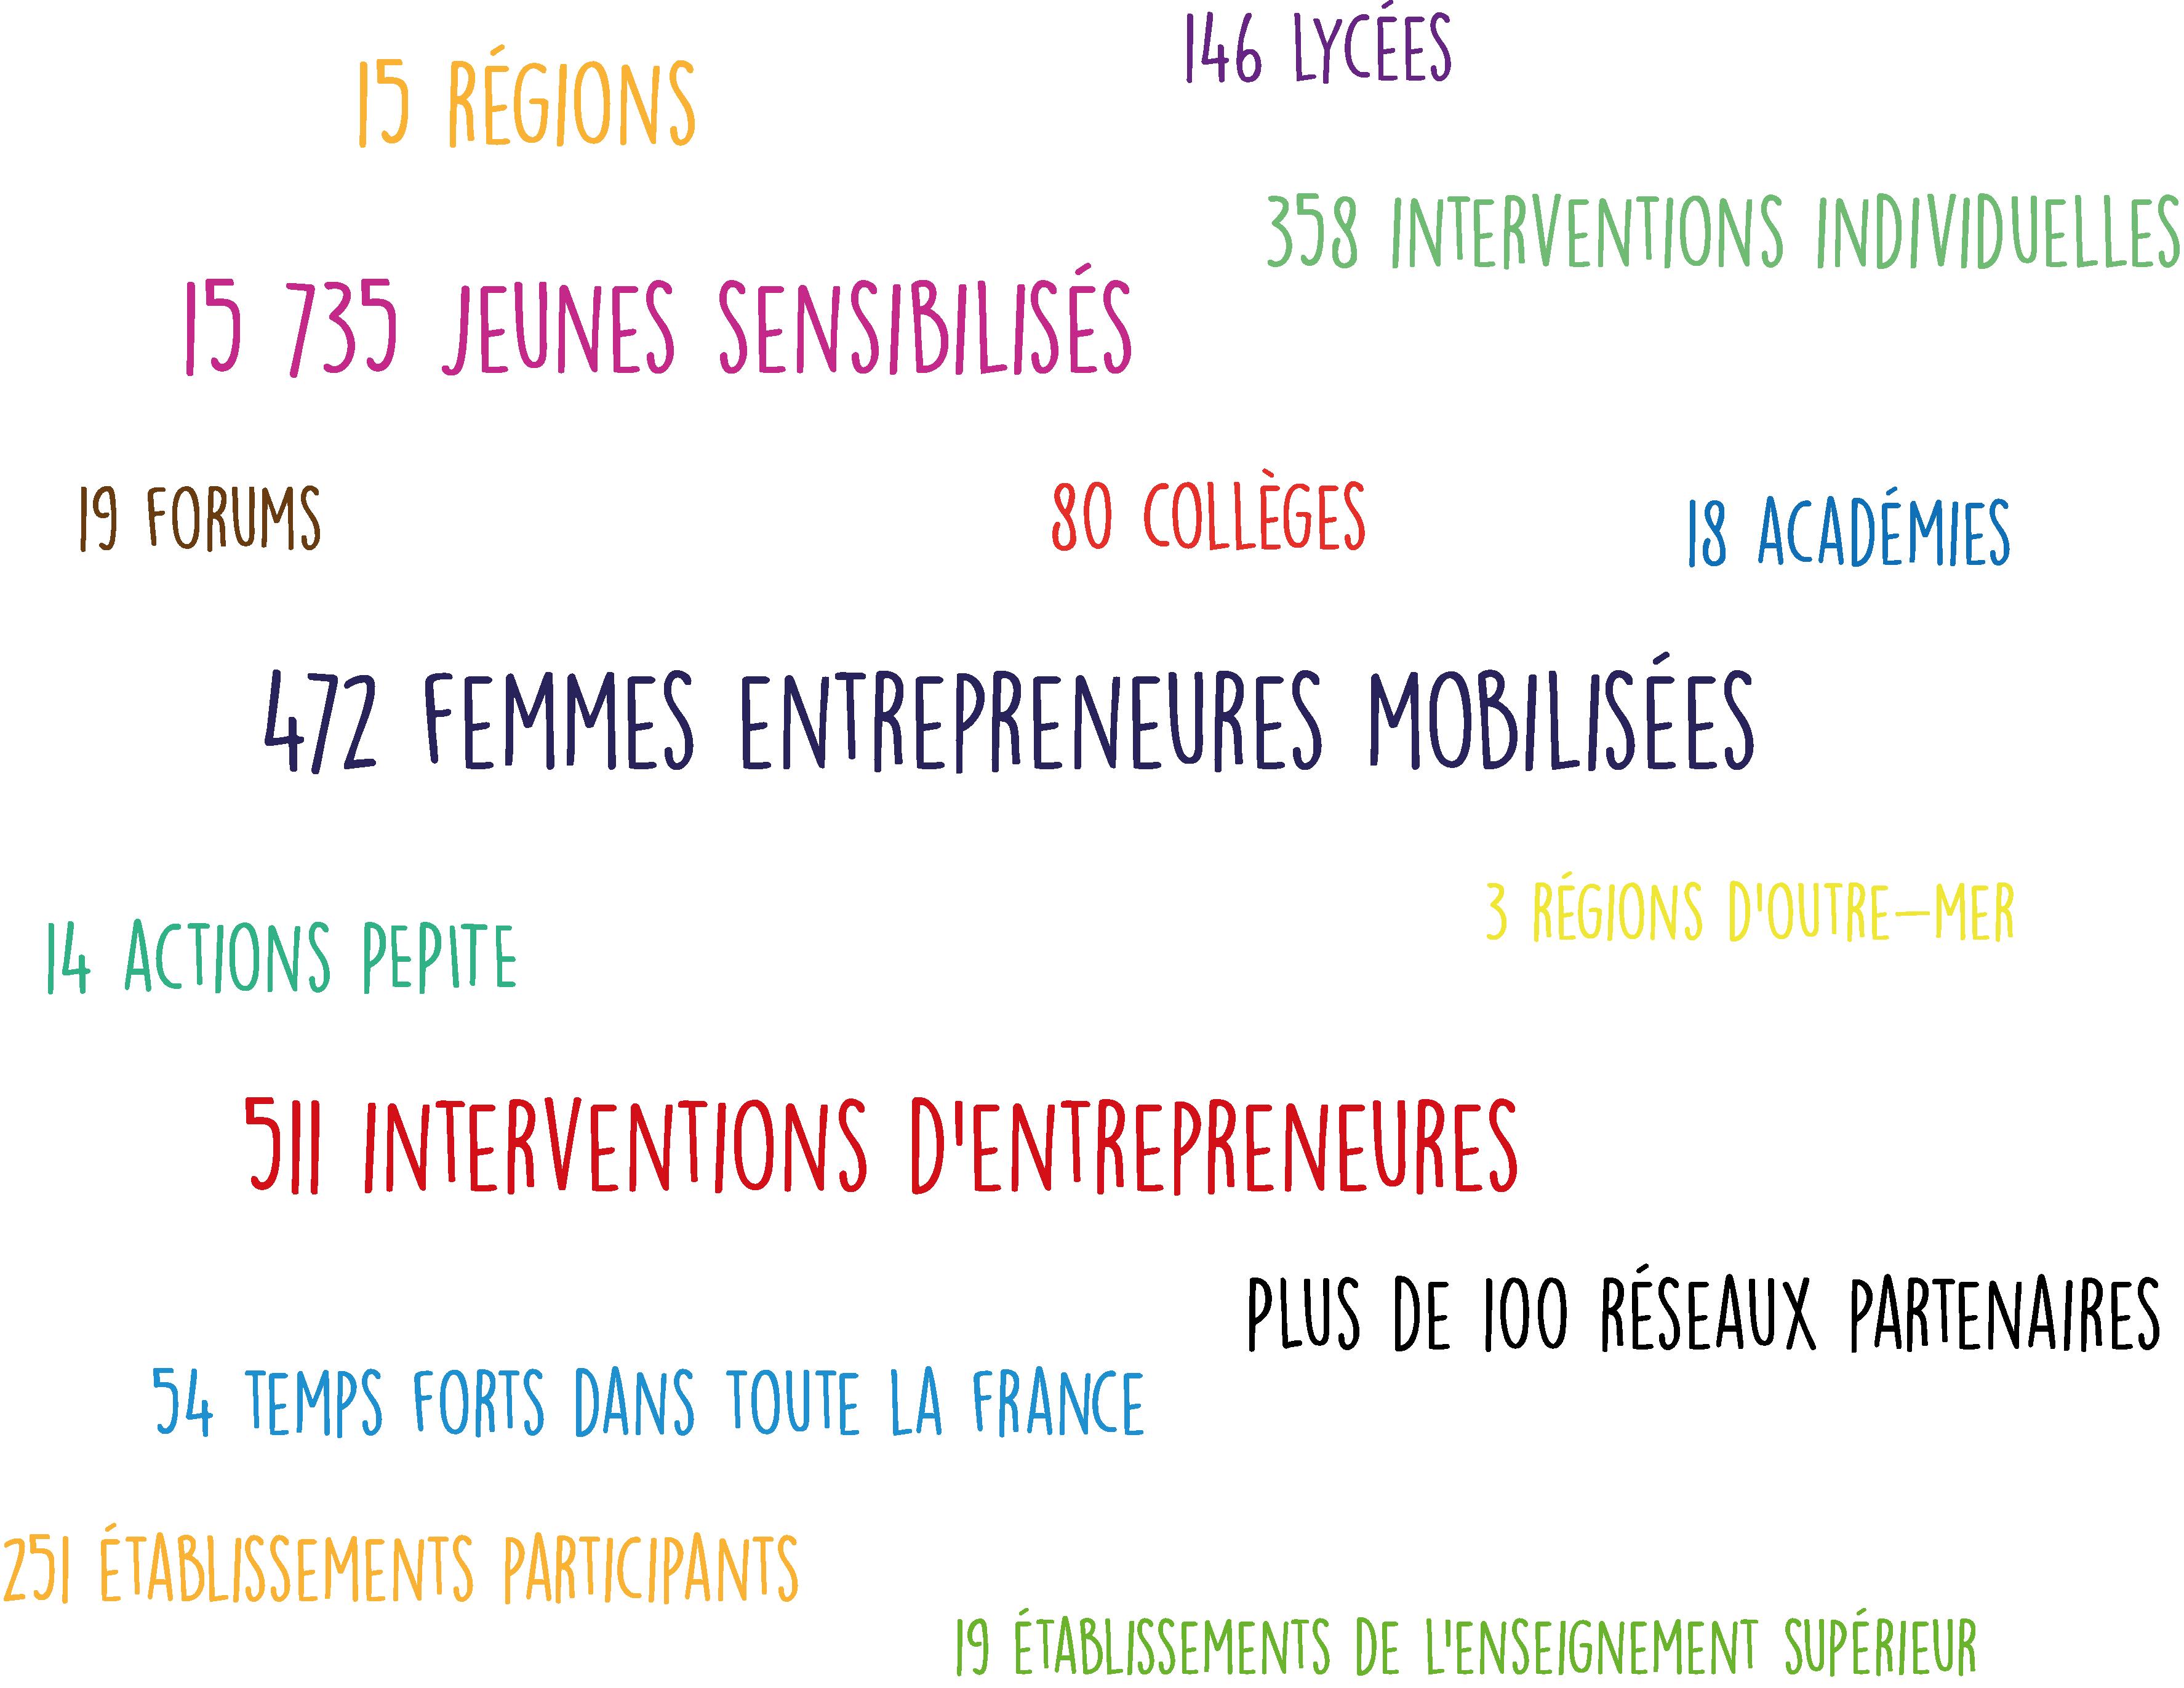 Bilan SemaineEF 2017